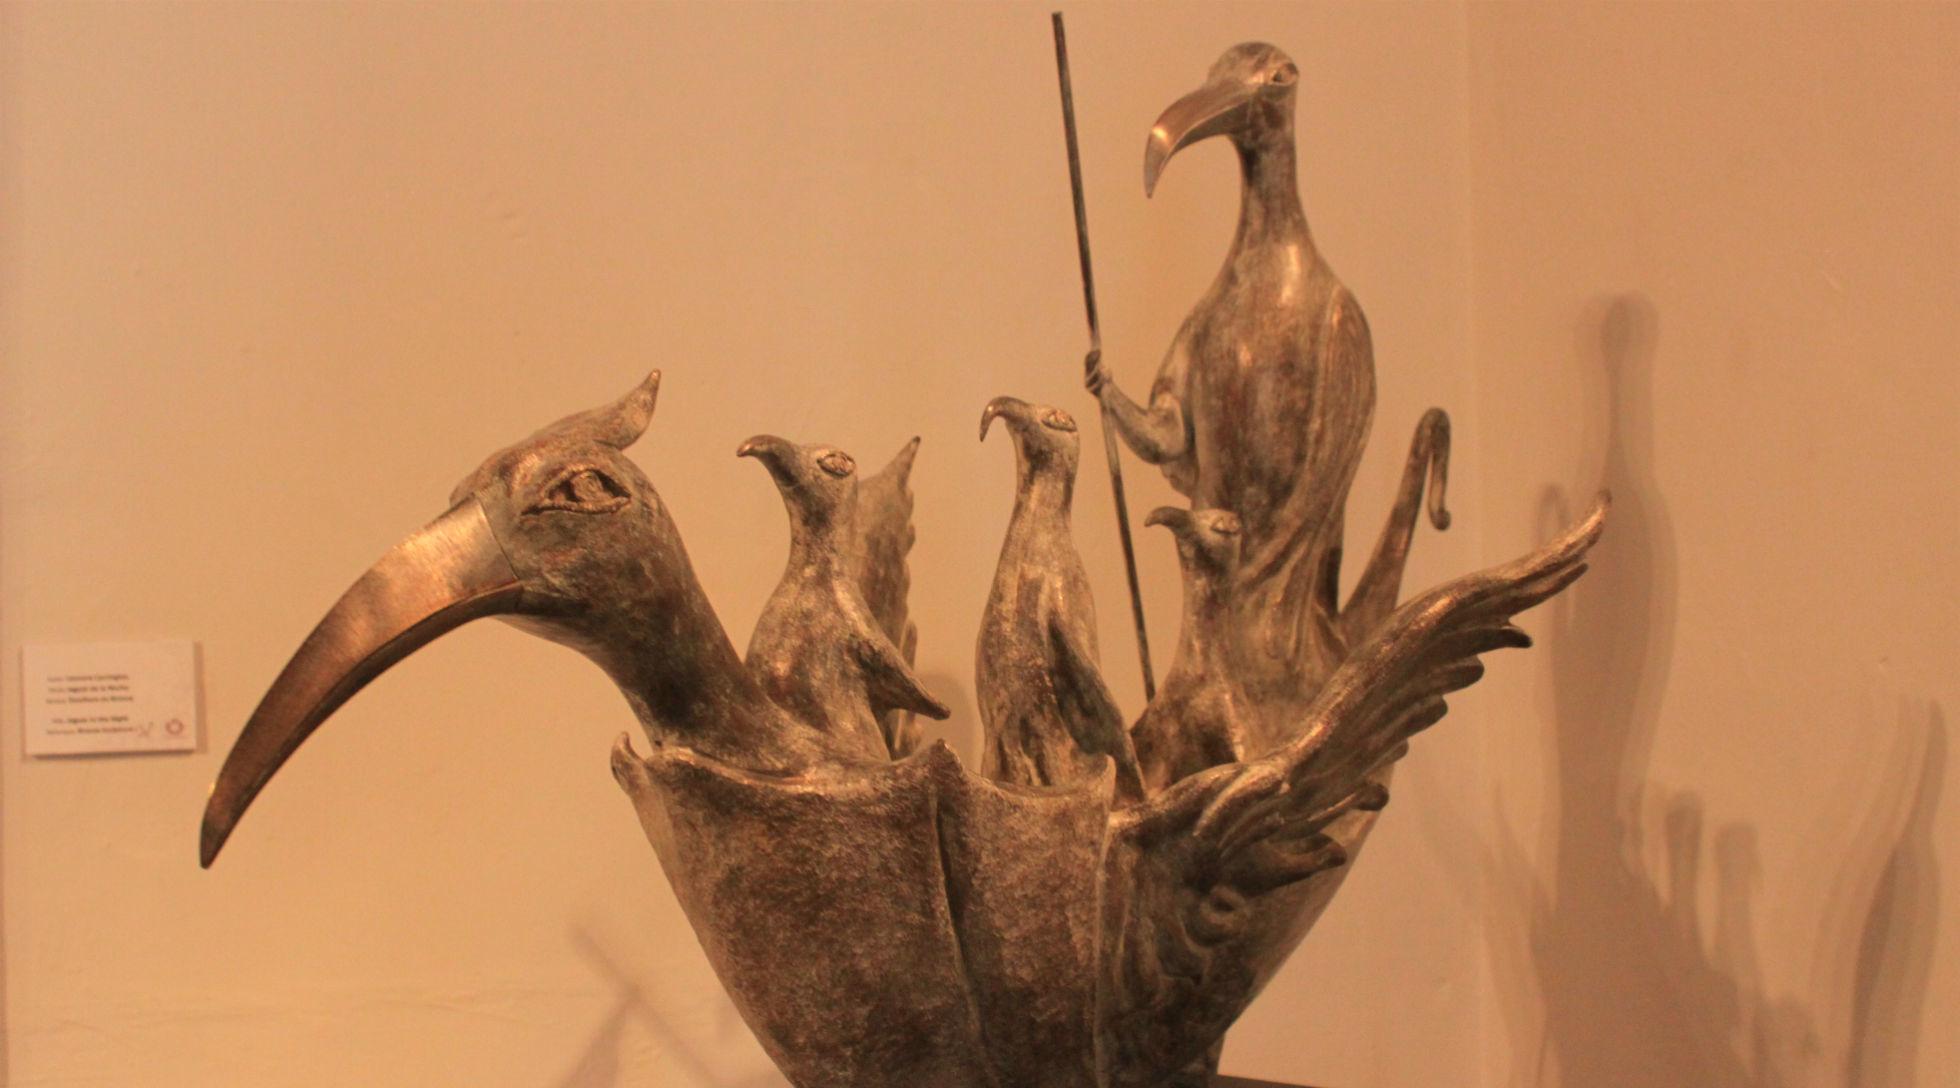 MUSEO: Primer Depósito de Arte Contemporáneo